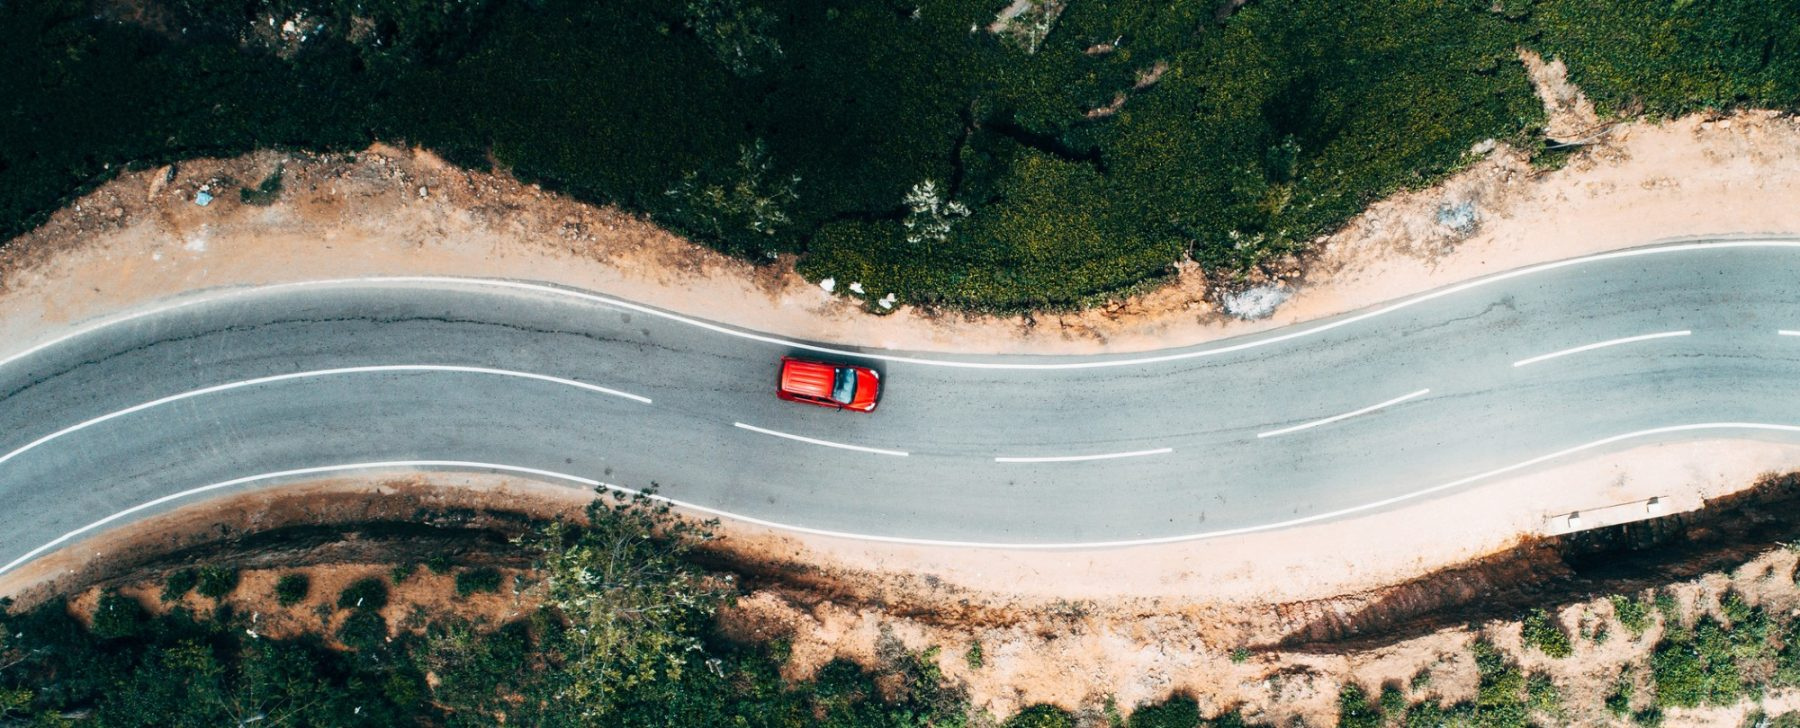 Conducir sin seguro